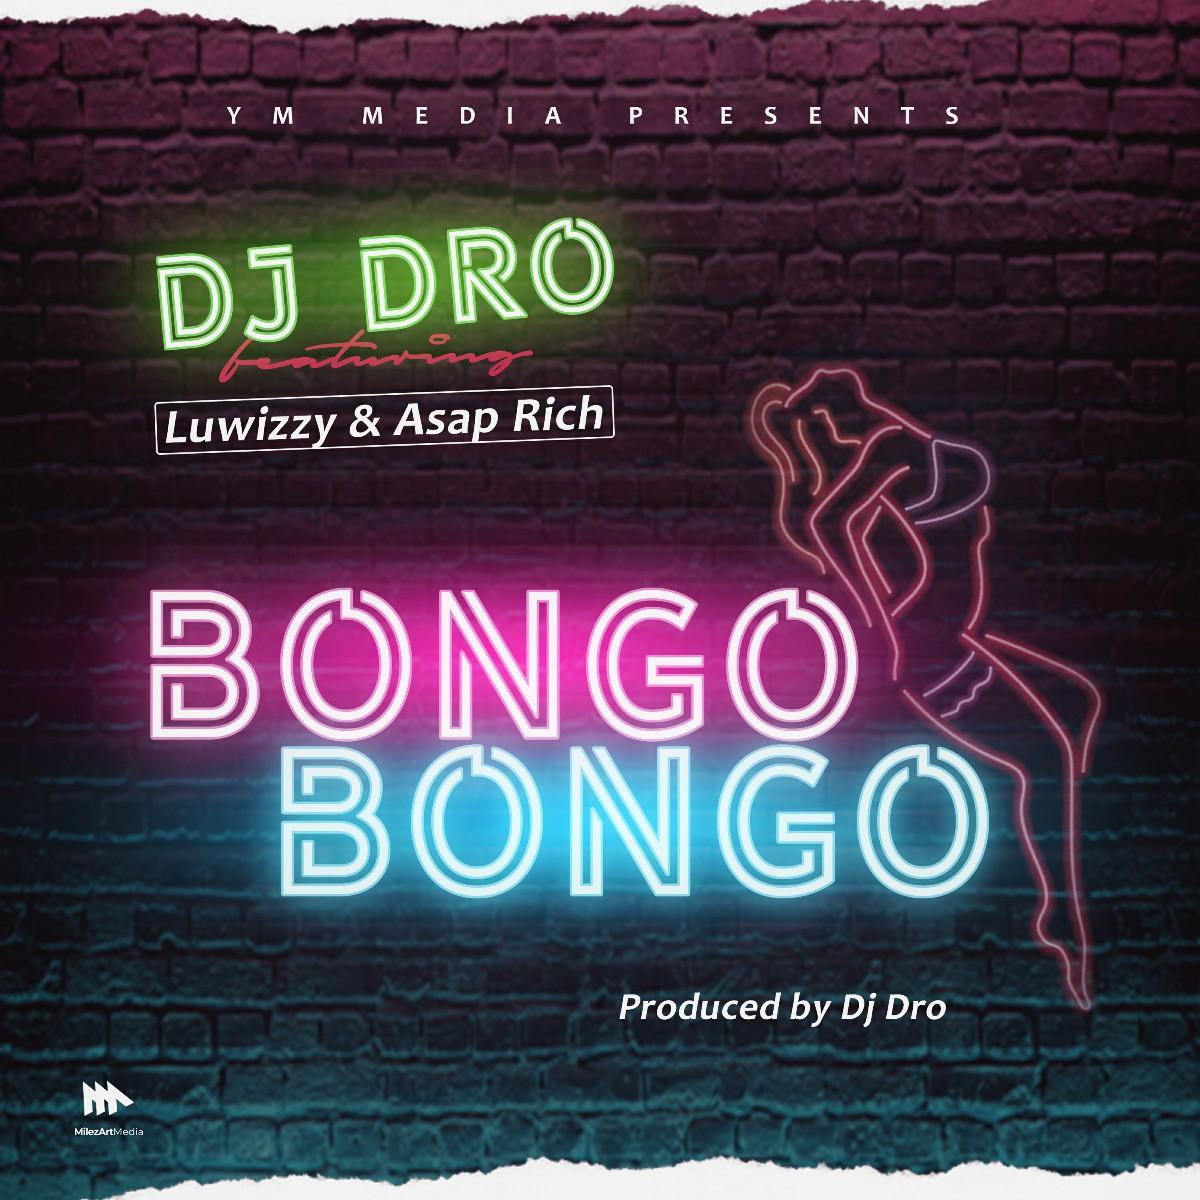 DJ Dro ft. Luwizzy & Asap Rich - Bongo Bongo